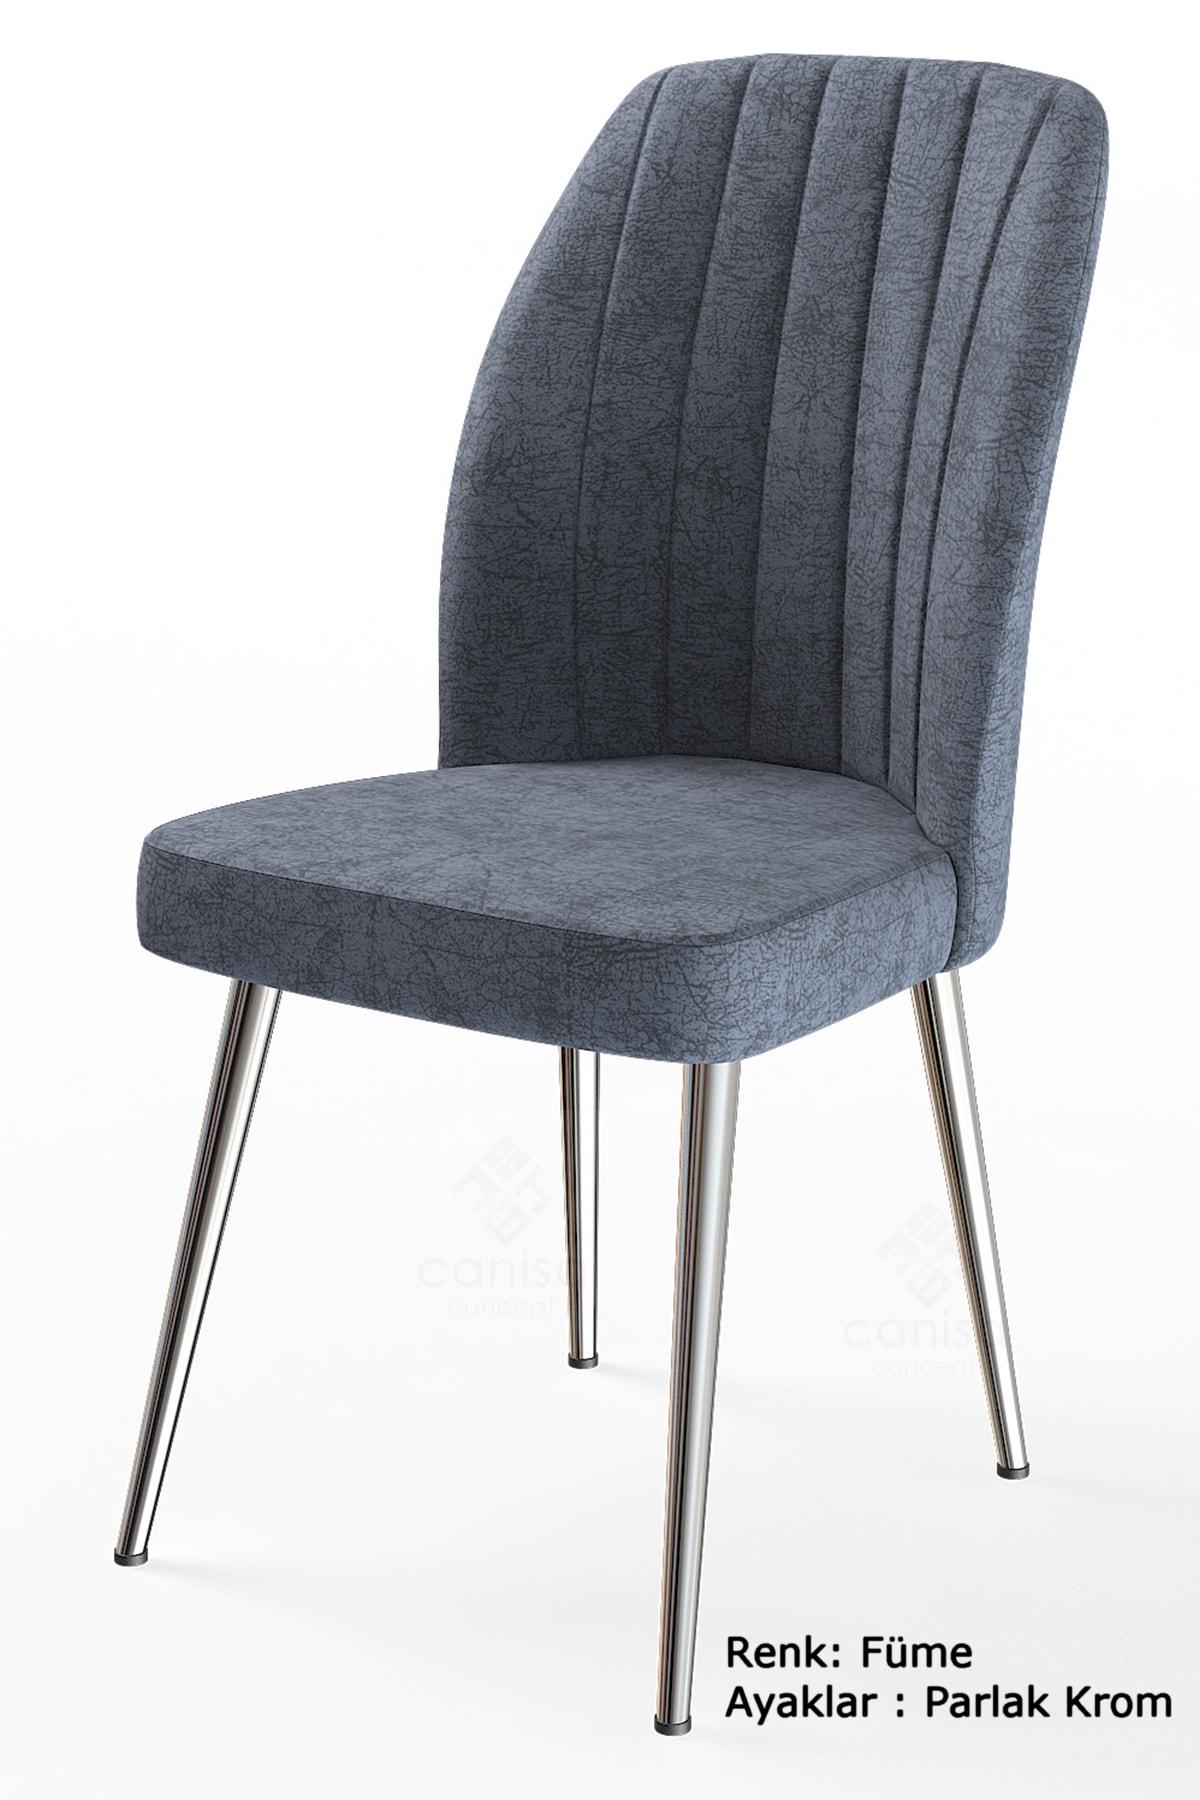 Platinum Serisi Geniş Oturum Alanlı 1.sınıf Sandalye Renk Füme Ayaklar Parlak Krom